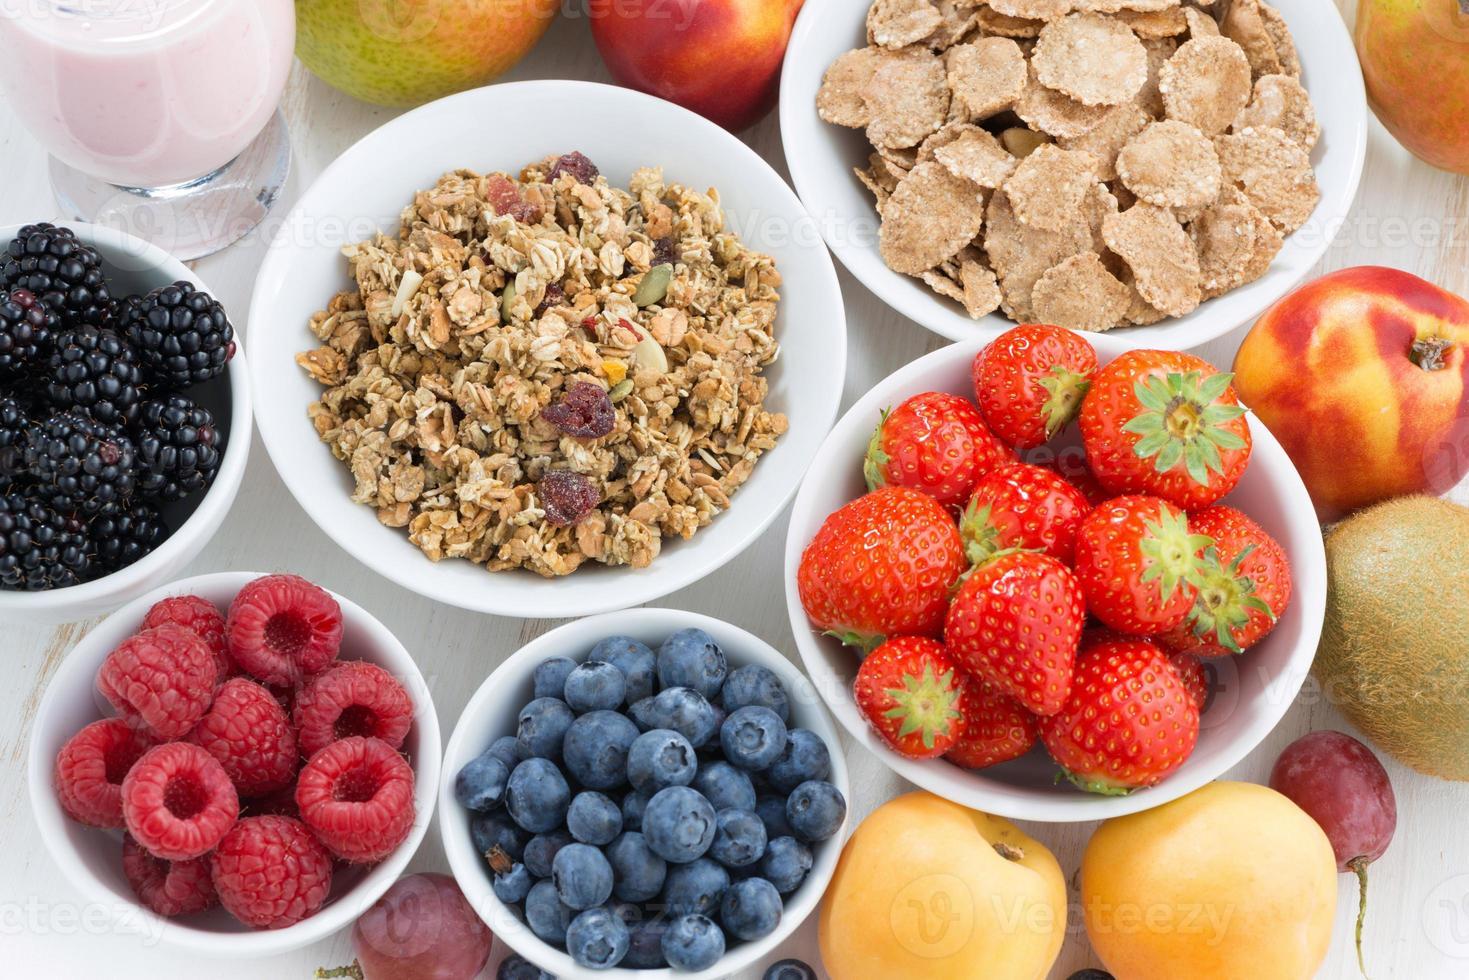 färska bär, frukt och müsli, ovanifrån foto